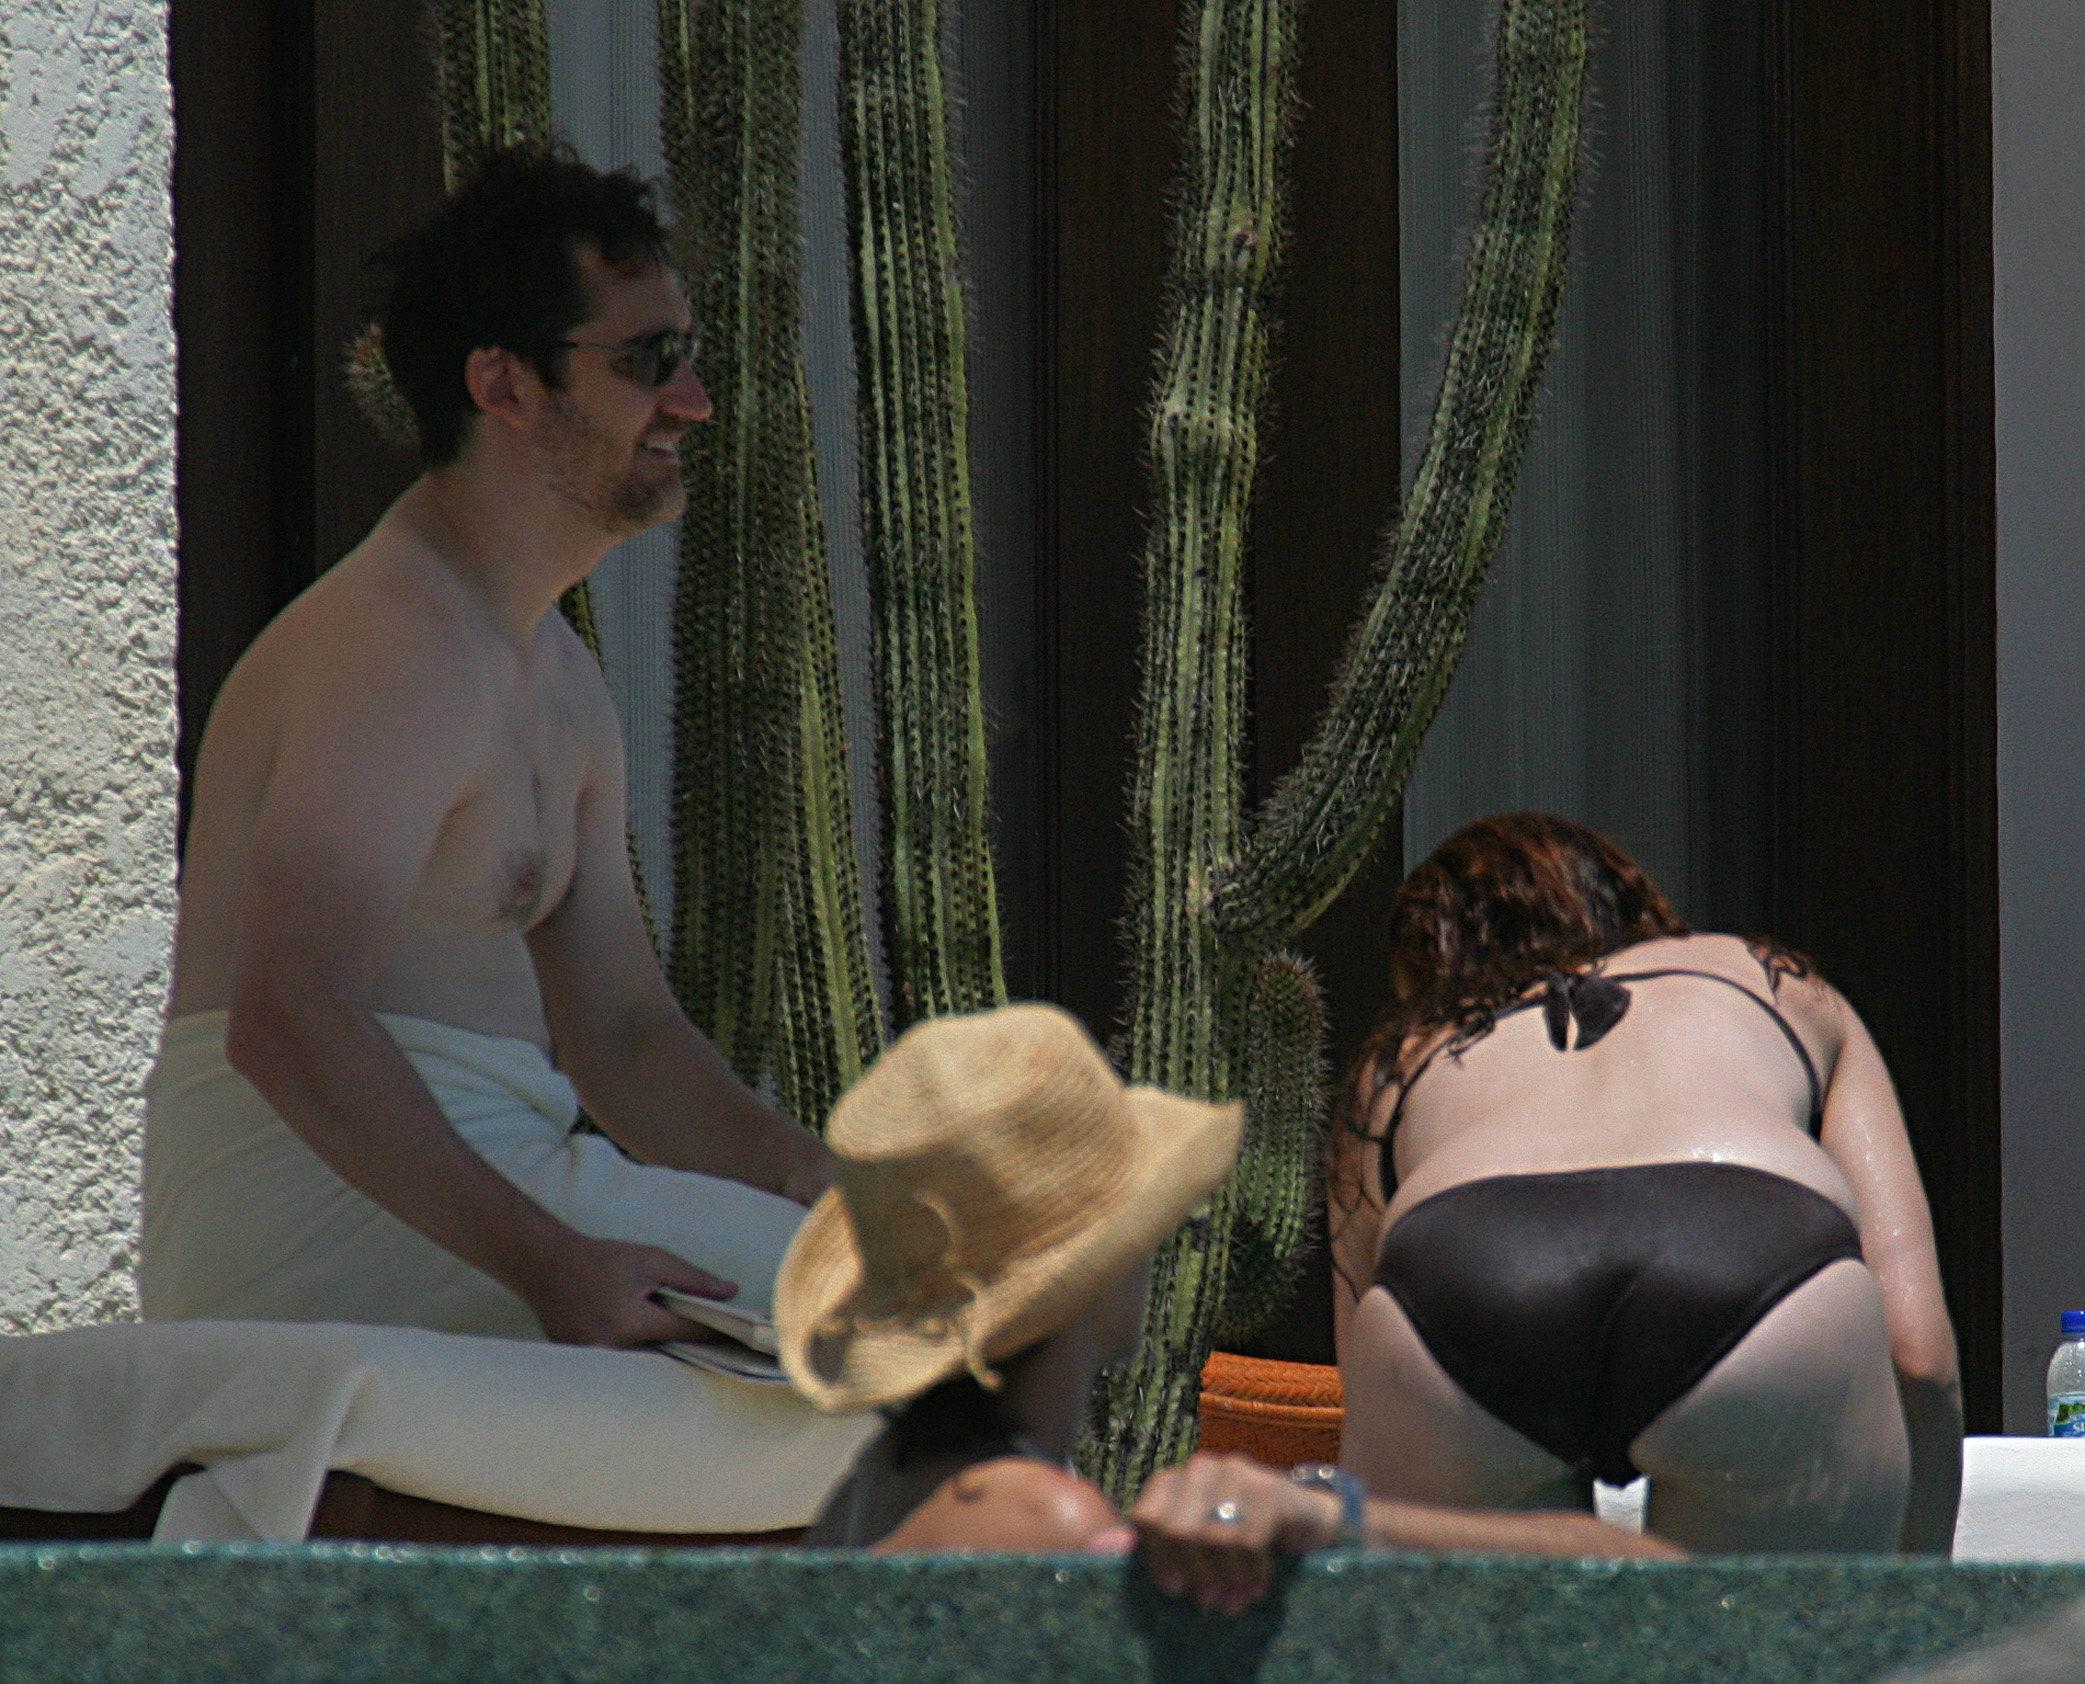 Debra messing bikini pics, junior naturist girls touching